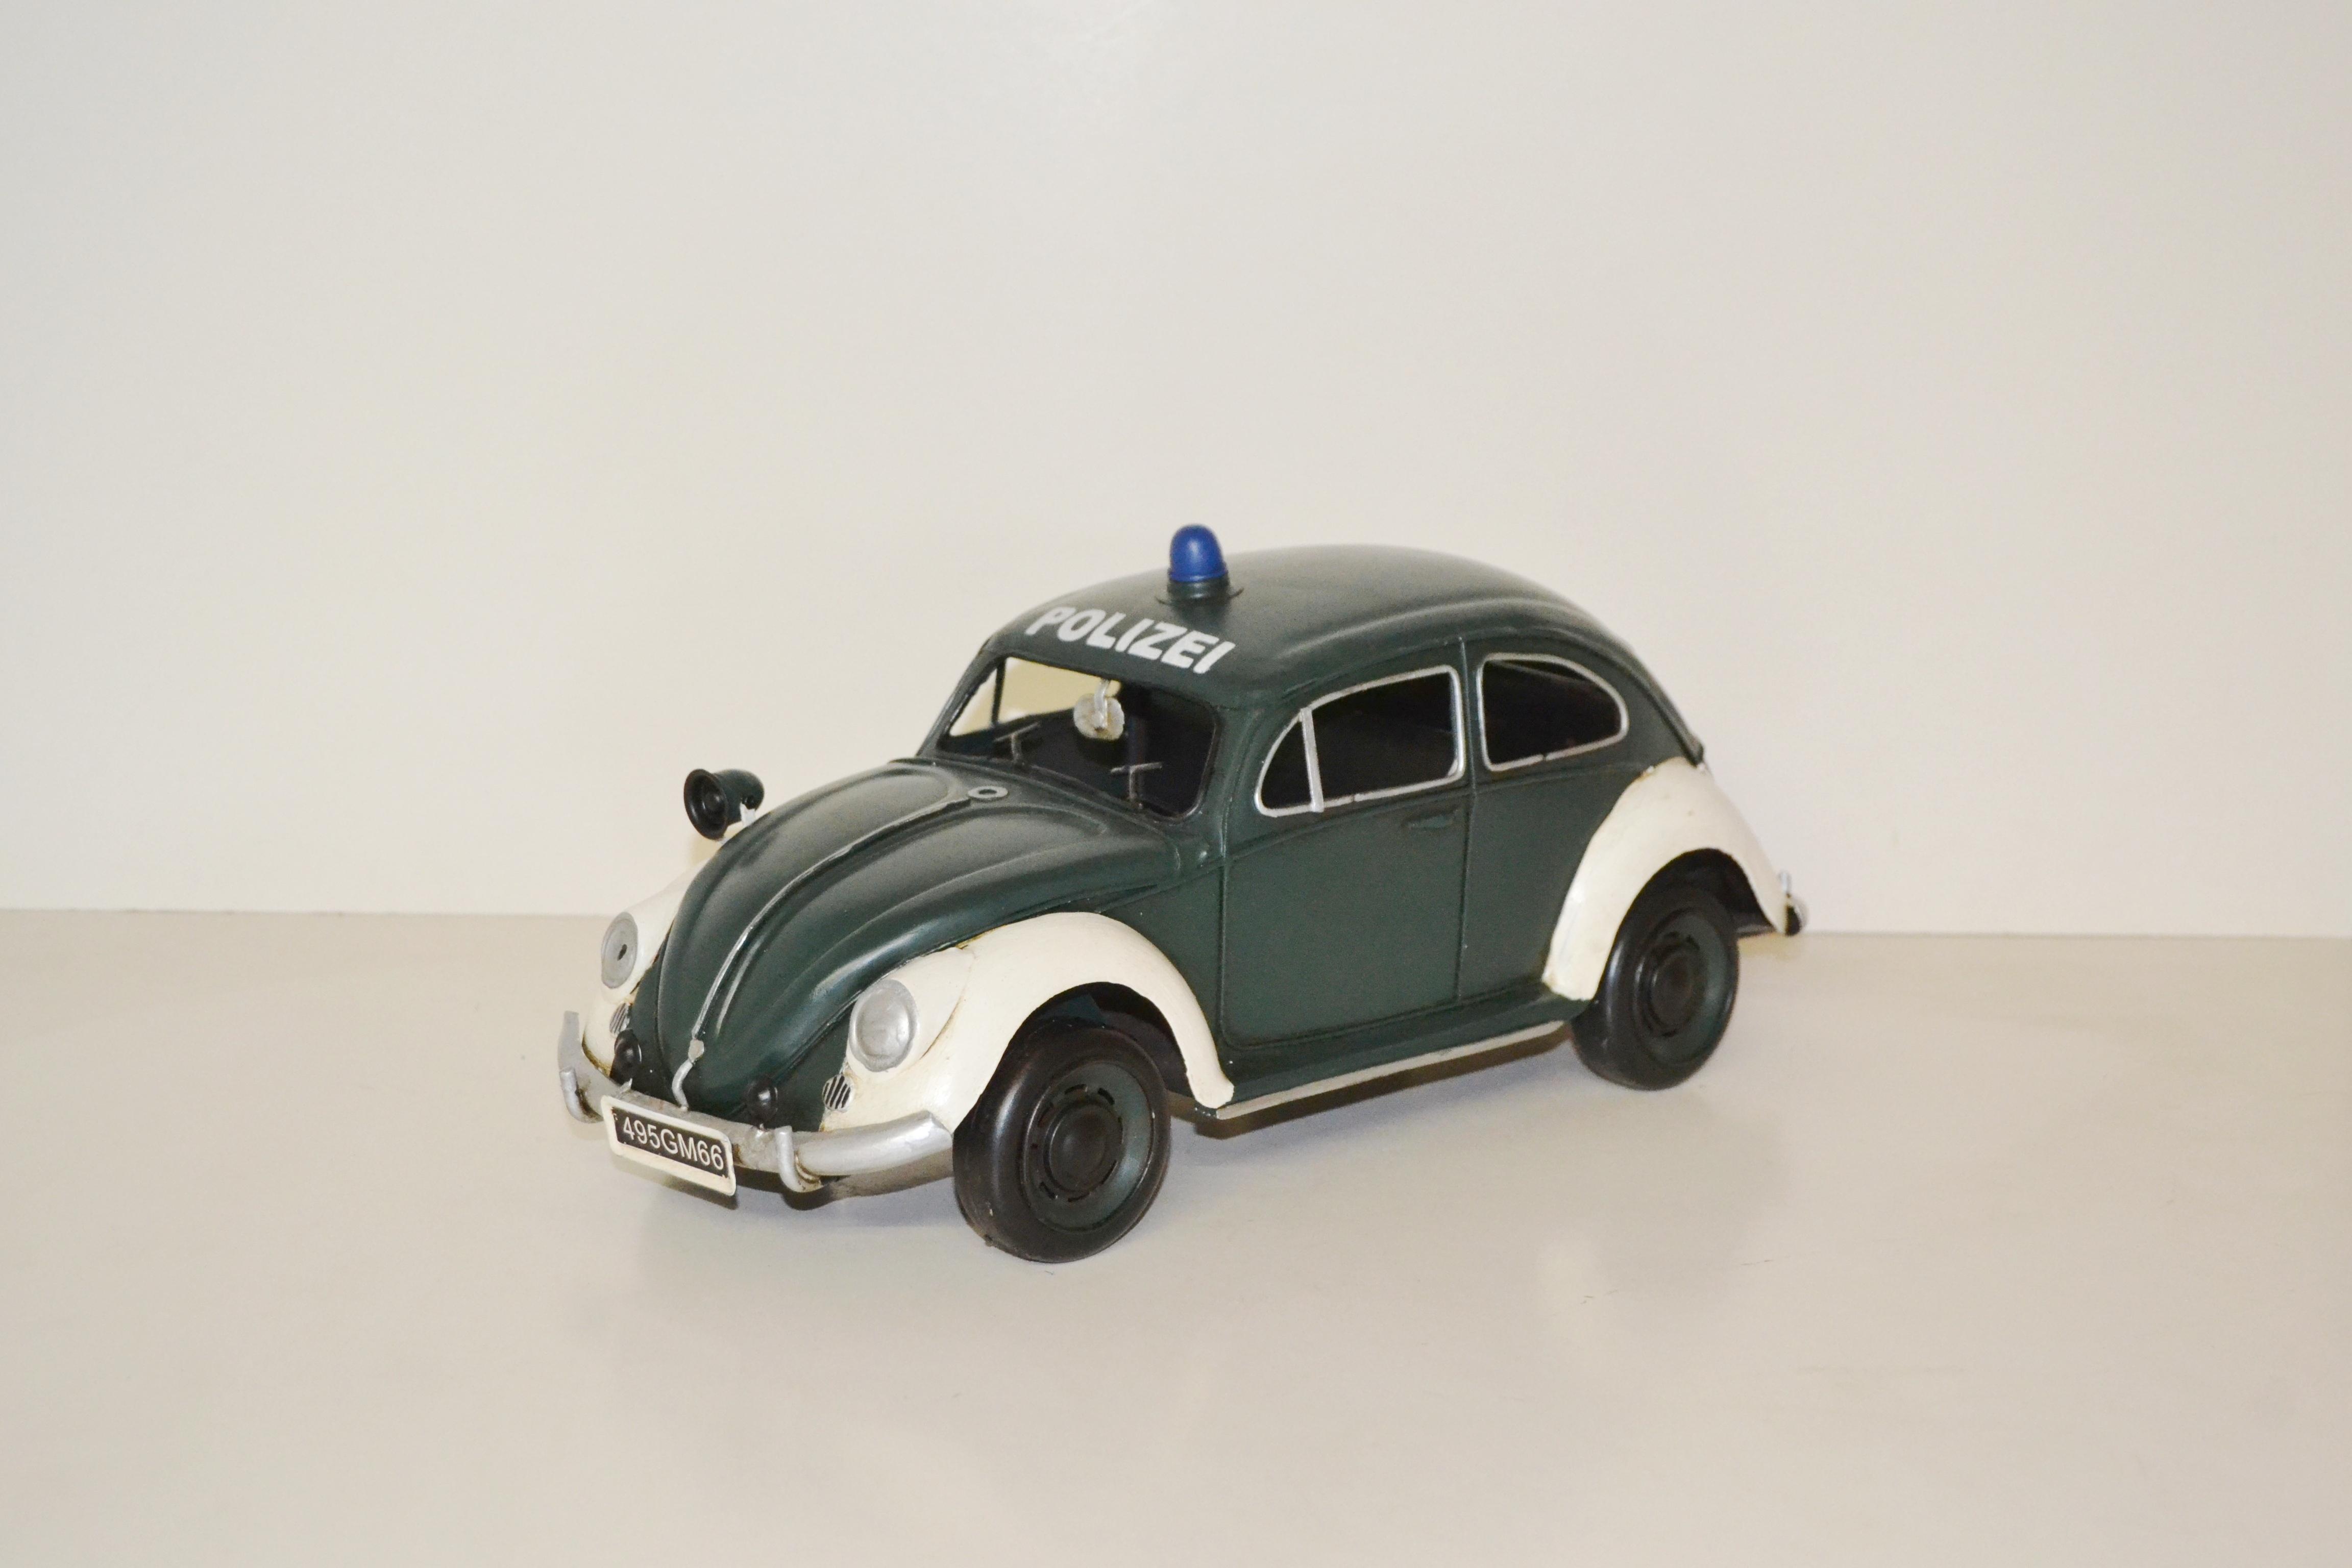 polizei vw k fer modell streifenwagen oldtimer polizeiauto. Black Bedroom Furniture Sets. Home Design Ideas